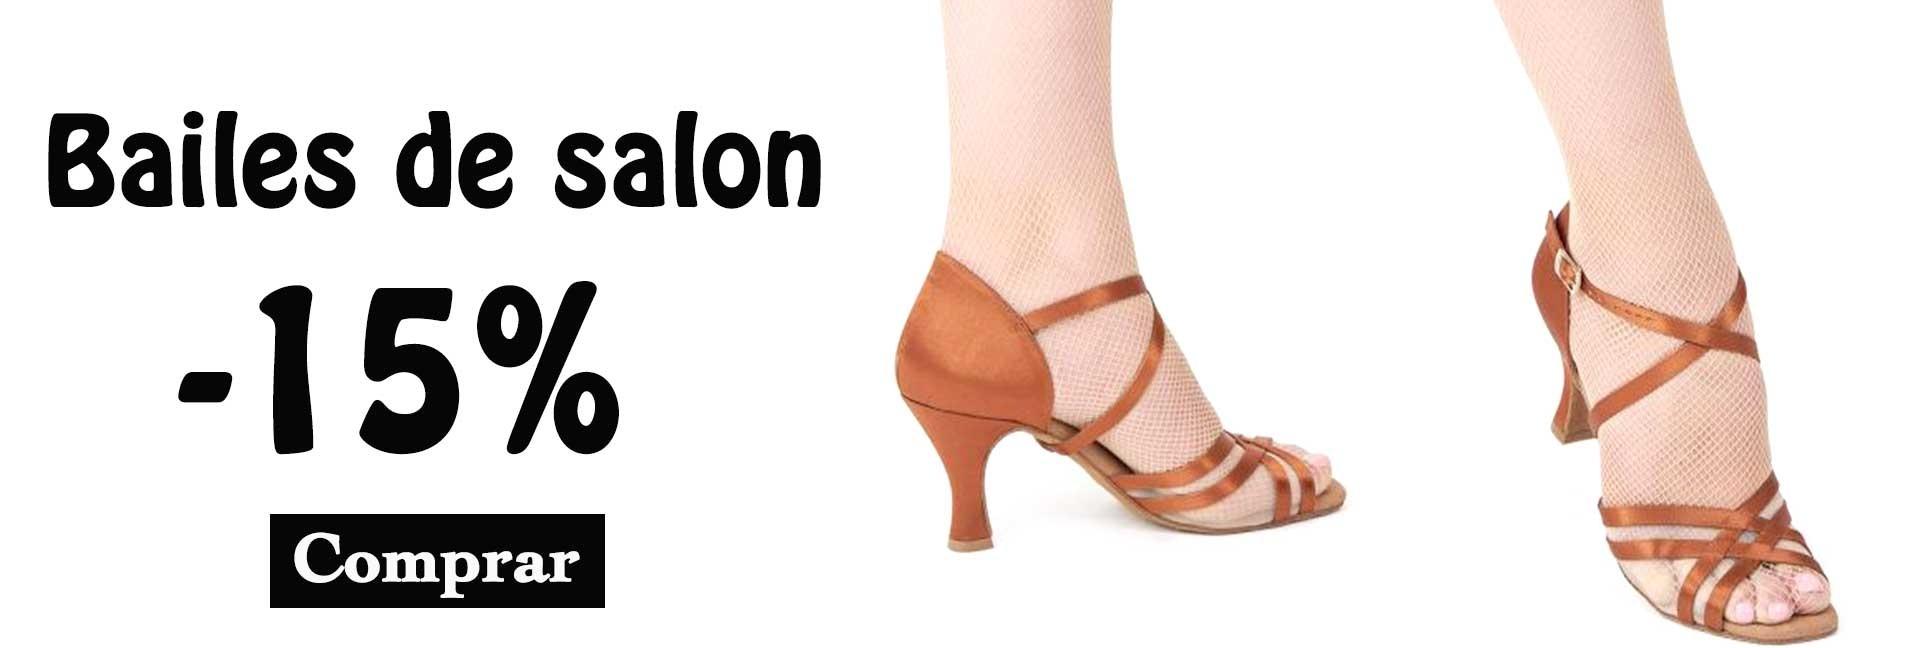 Bailes de salon y ritmos latinos Dance Shop madrid.